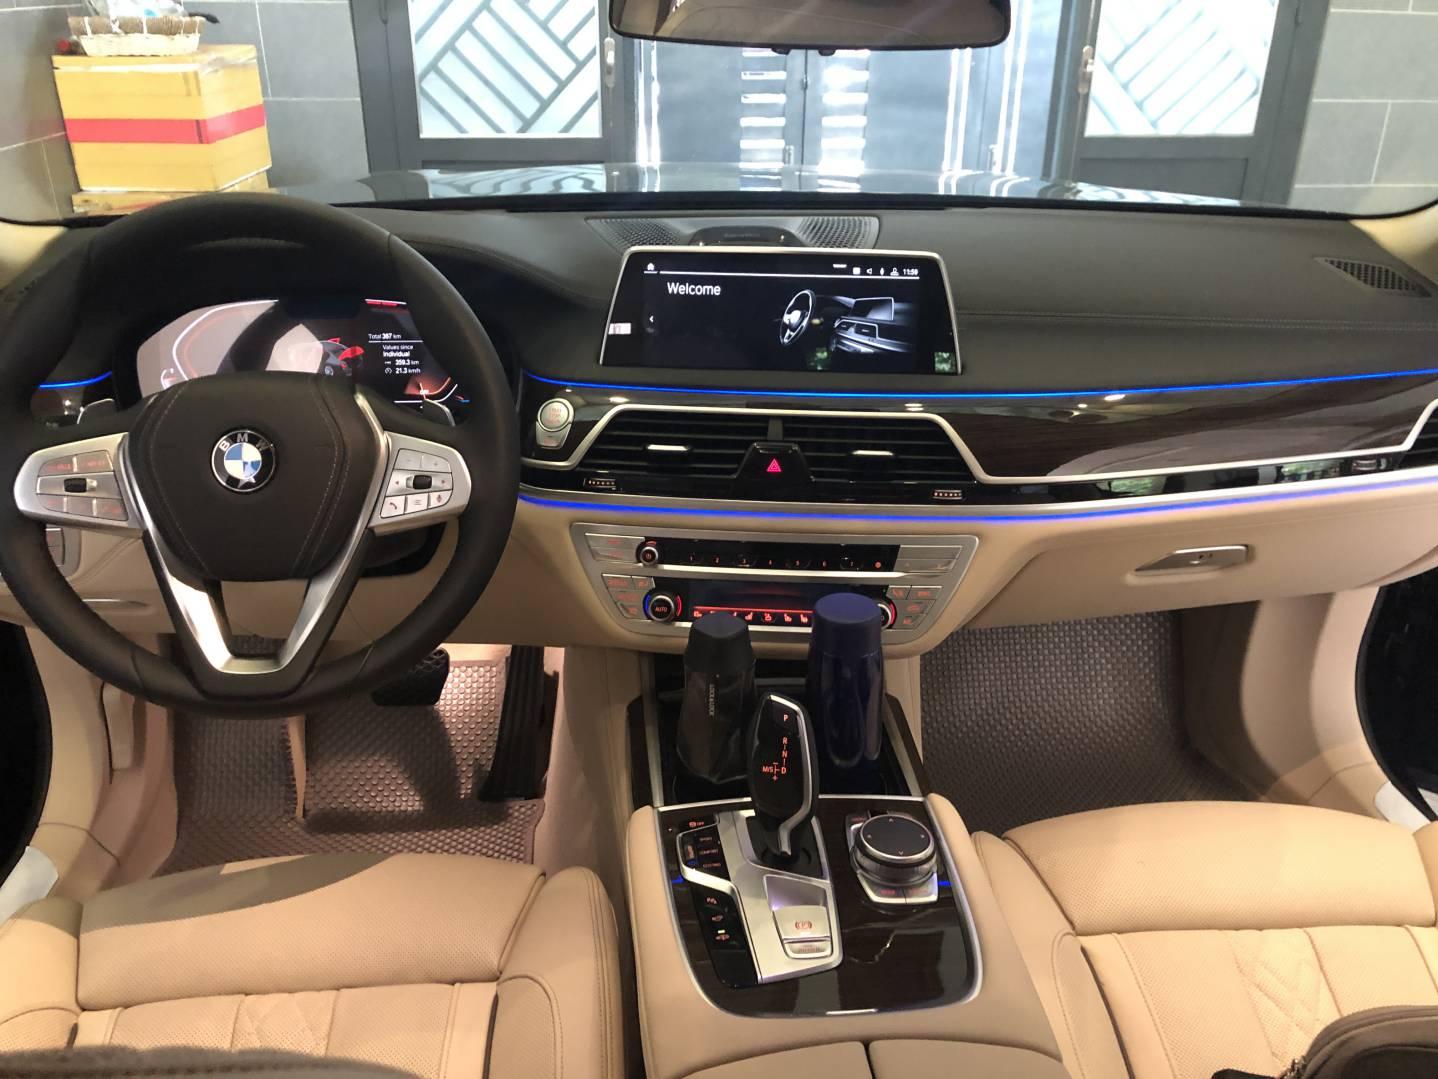 Thảm lót sàn BMW 730LI Pure Excellence